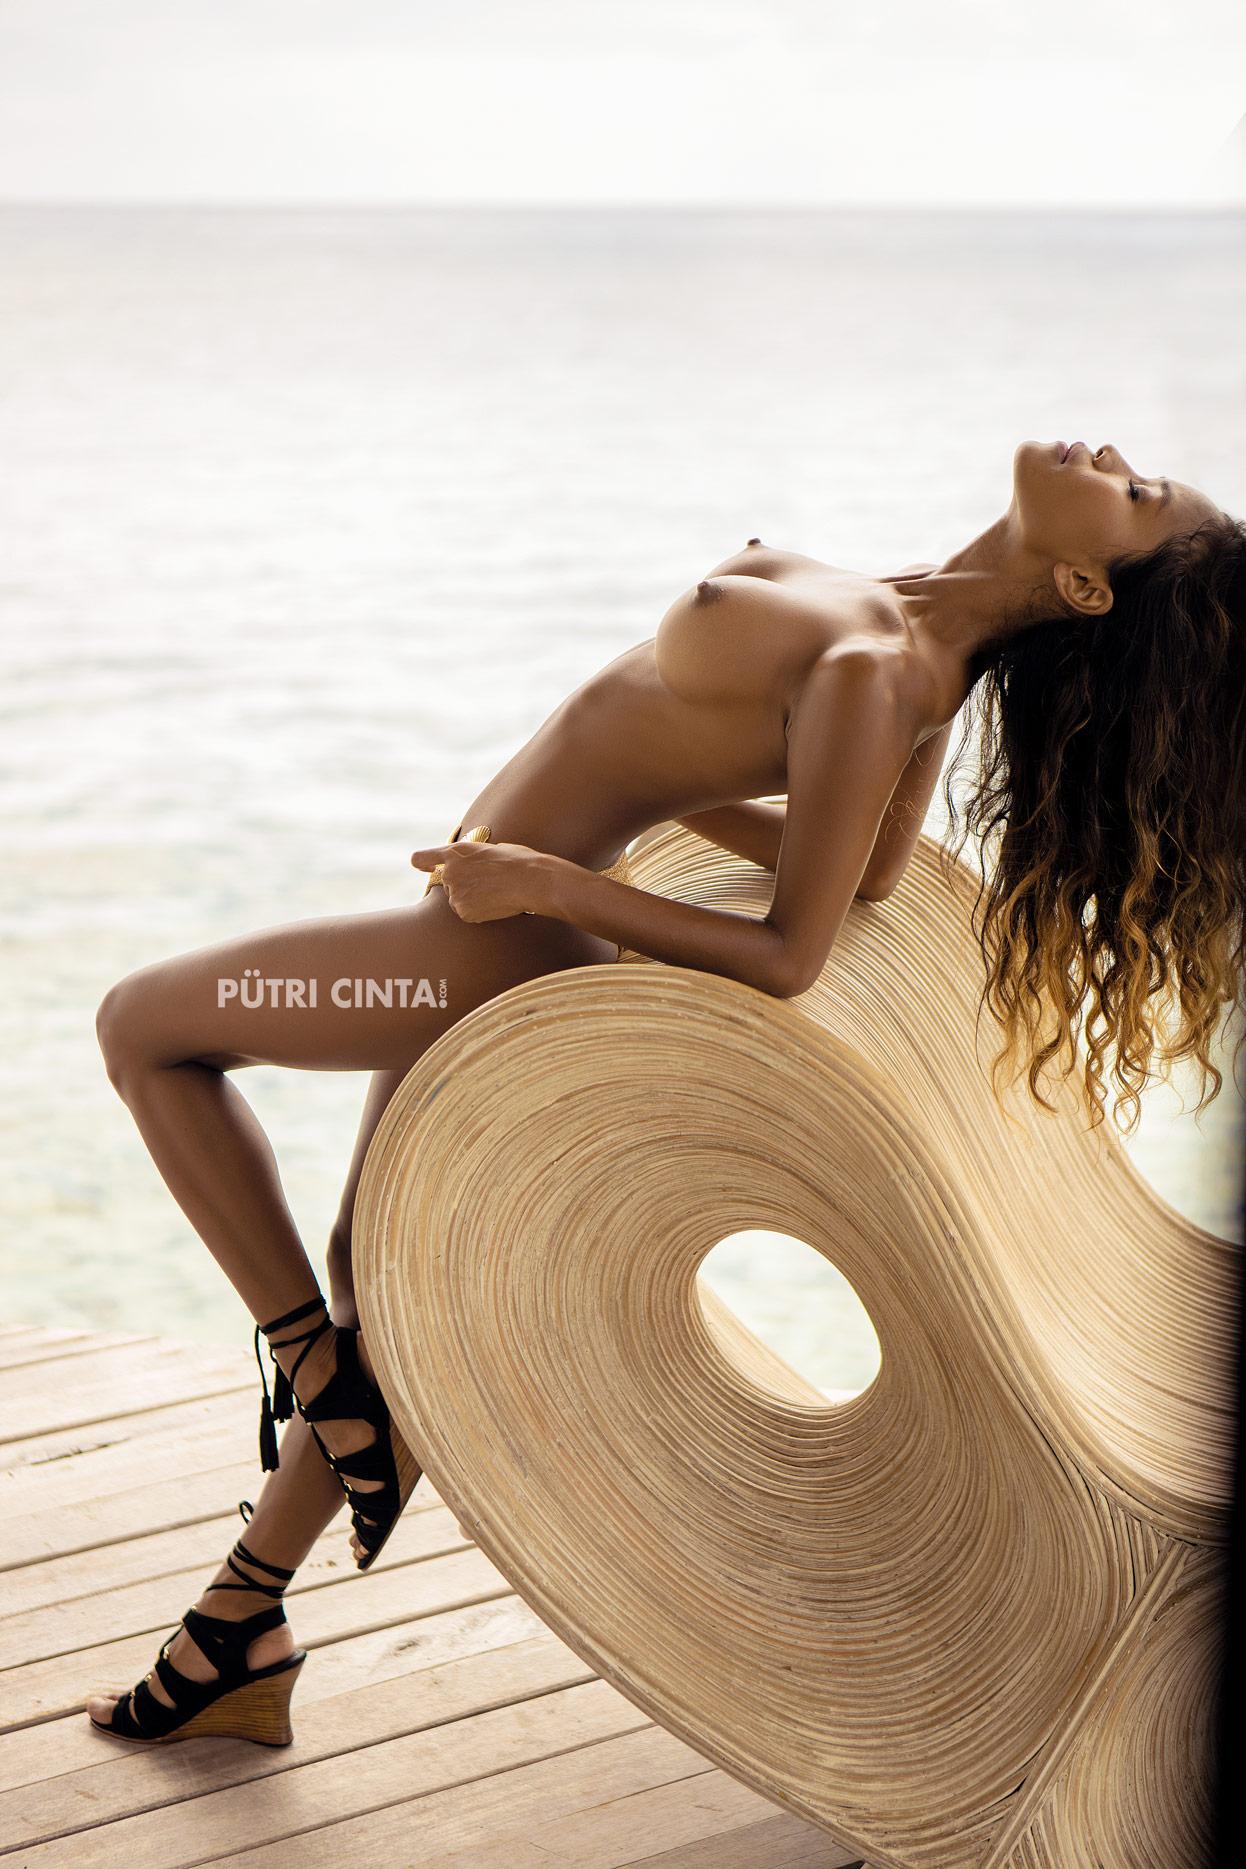 017-Pulo-Cinta-X-Putri-Cinta-30-копия.jpg